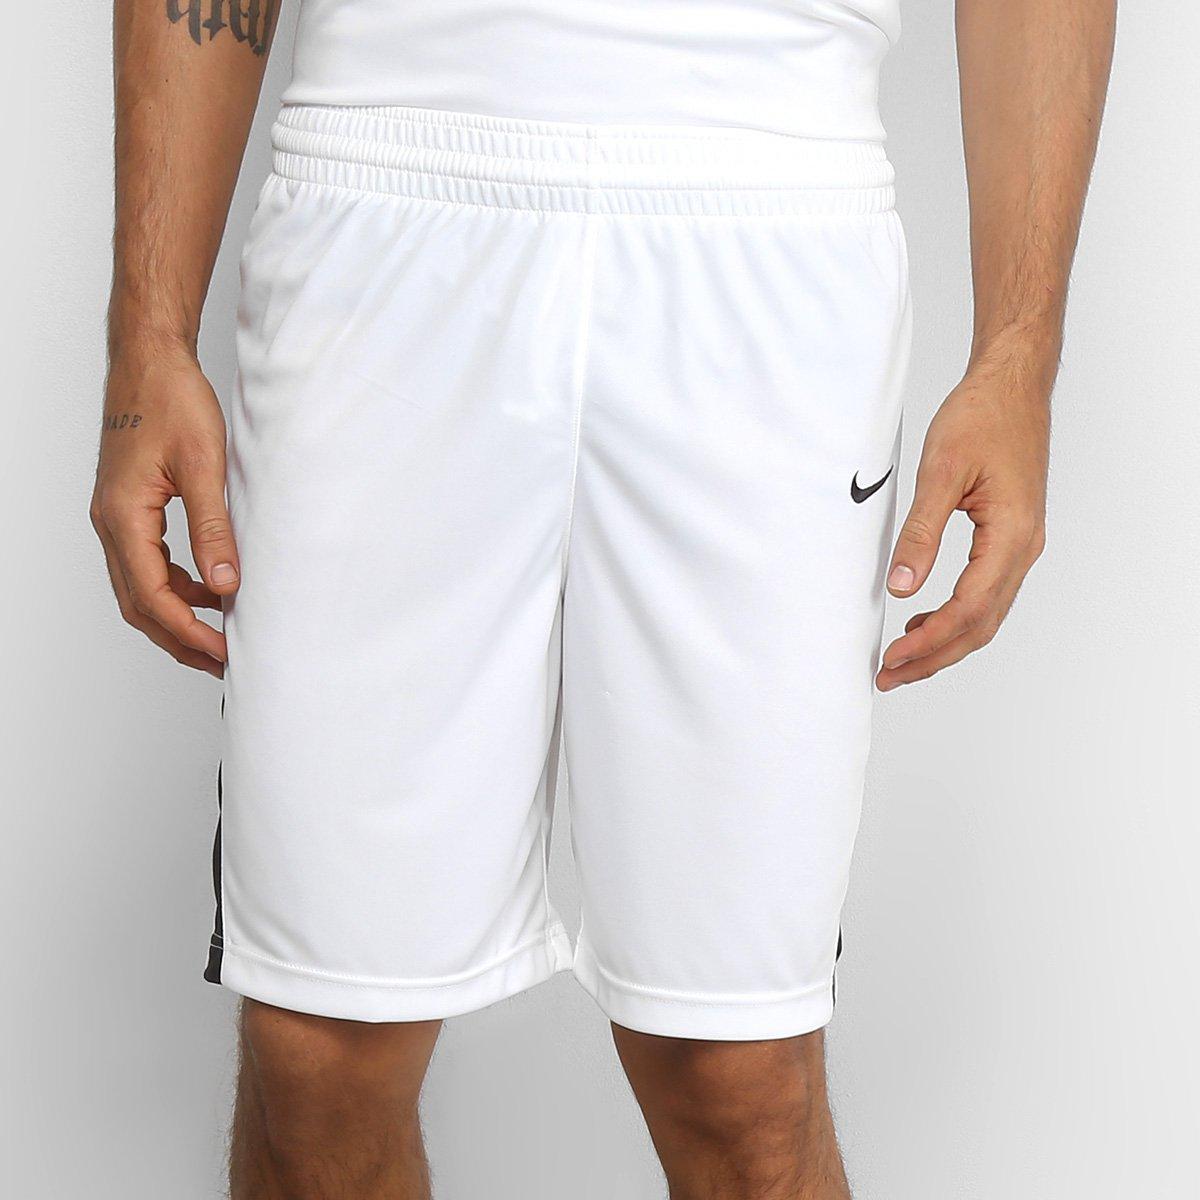 9e383fbf89526 Bermuda Nike Dri-Fit STK Masculina - Branco e Preto - Compre Agora ...